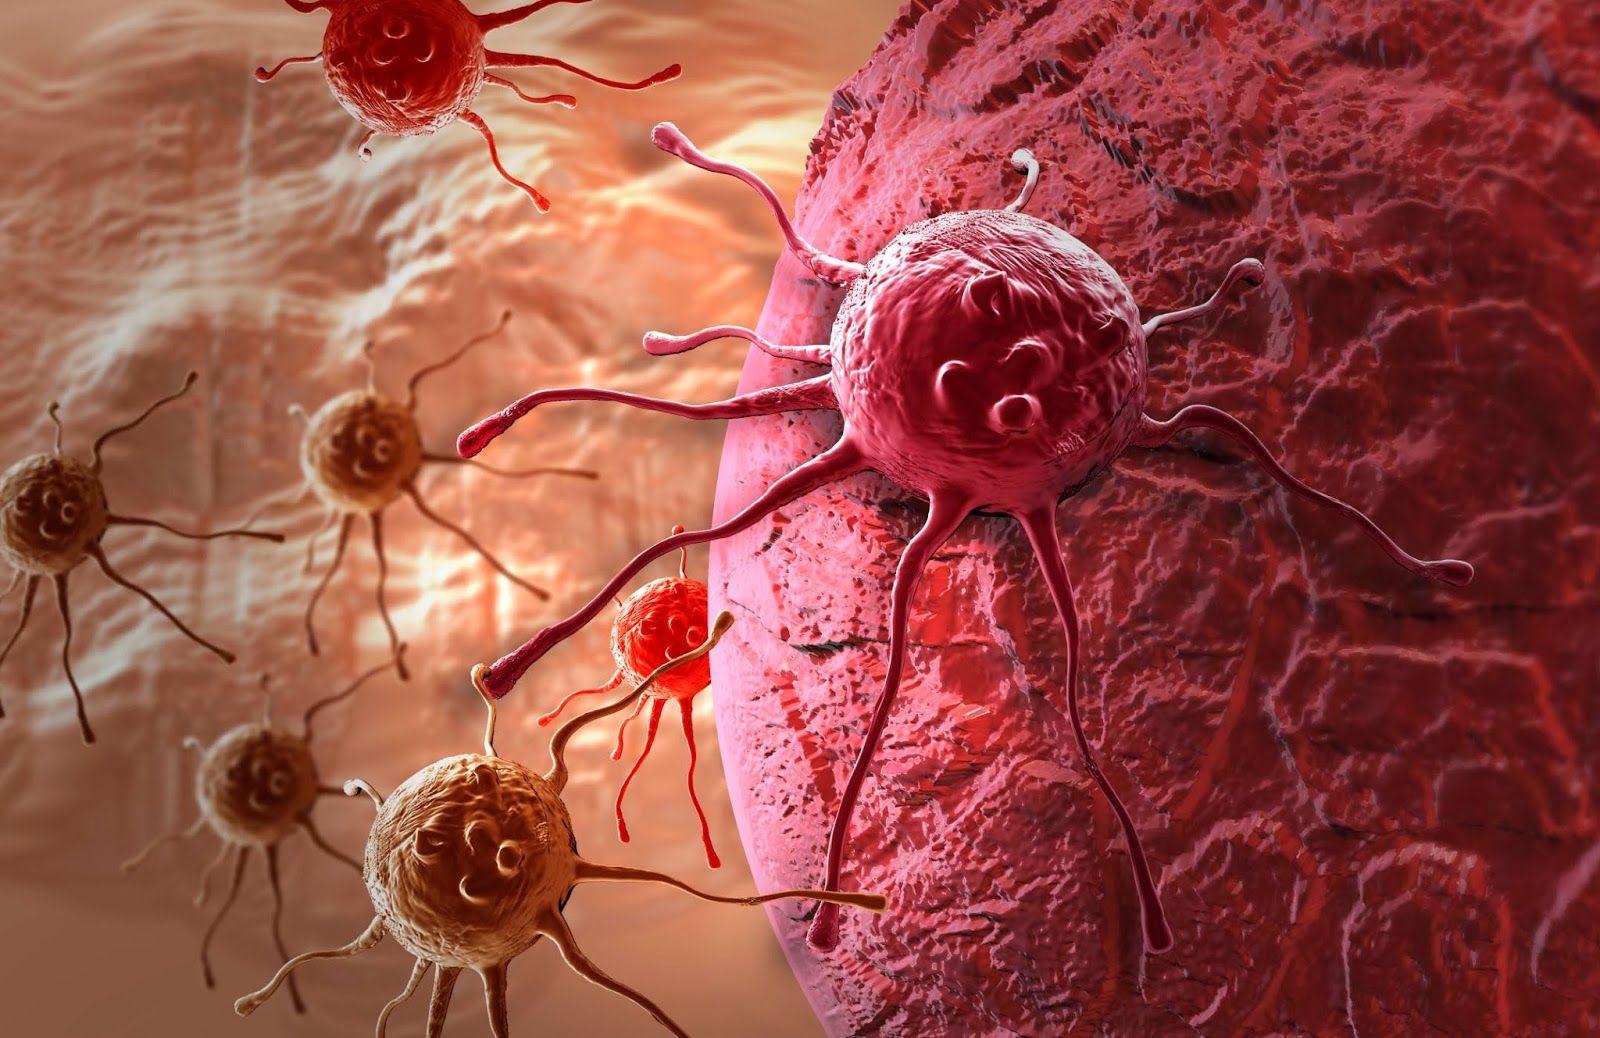 Лечение онкологии станет более индивидуальным